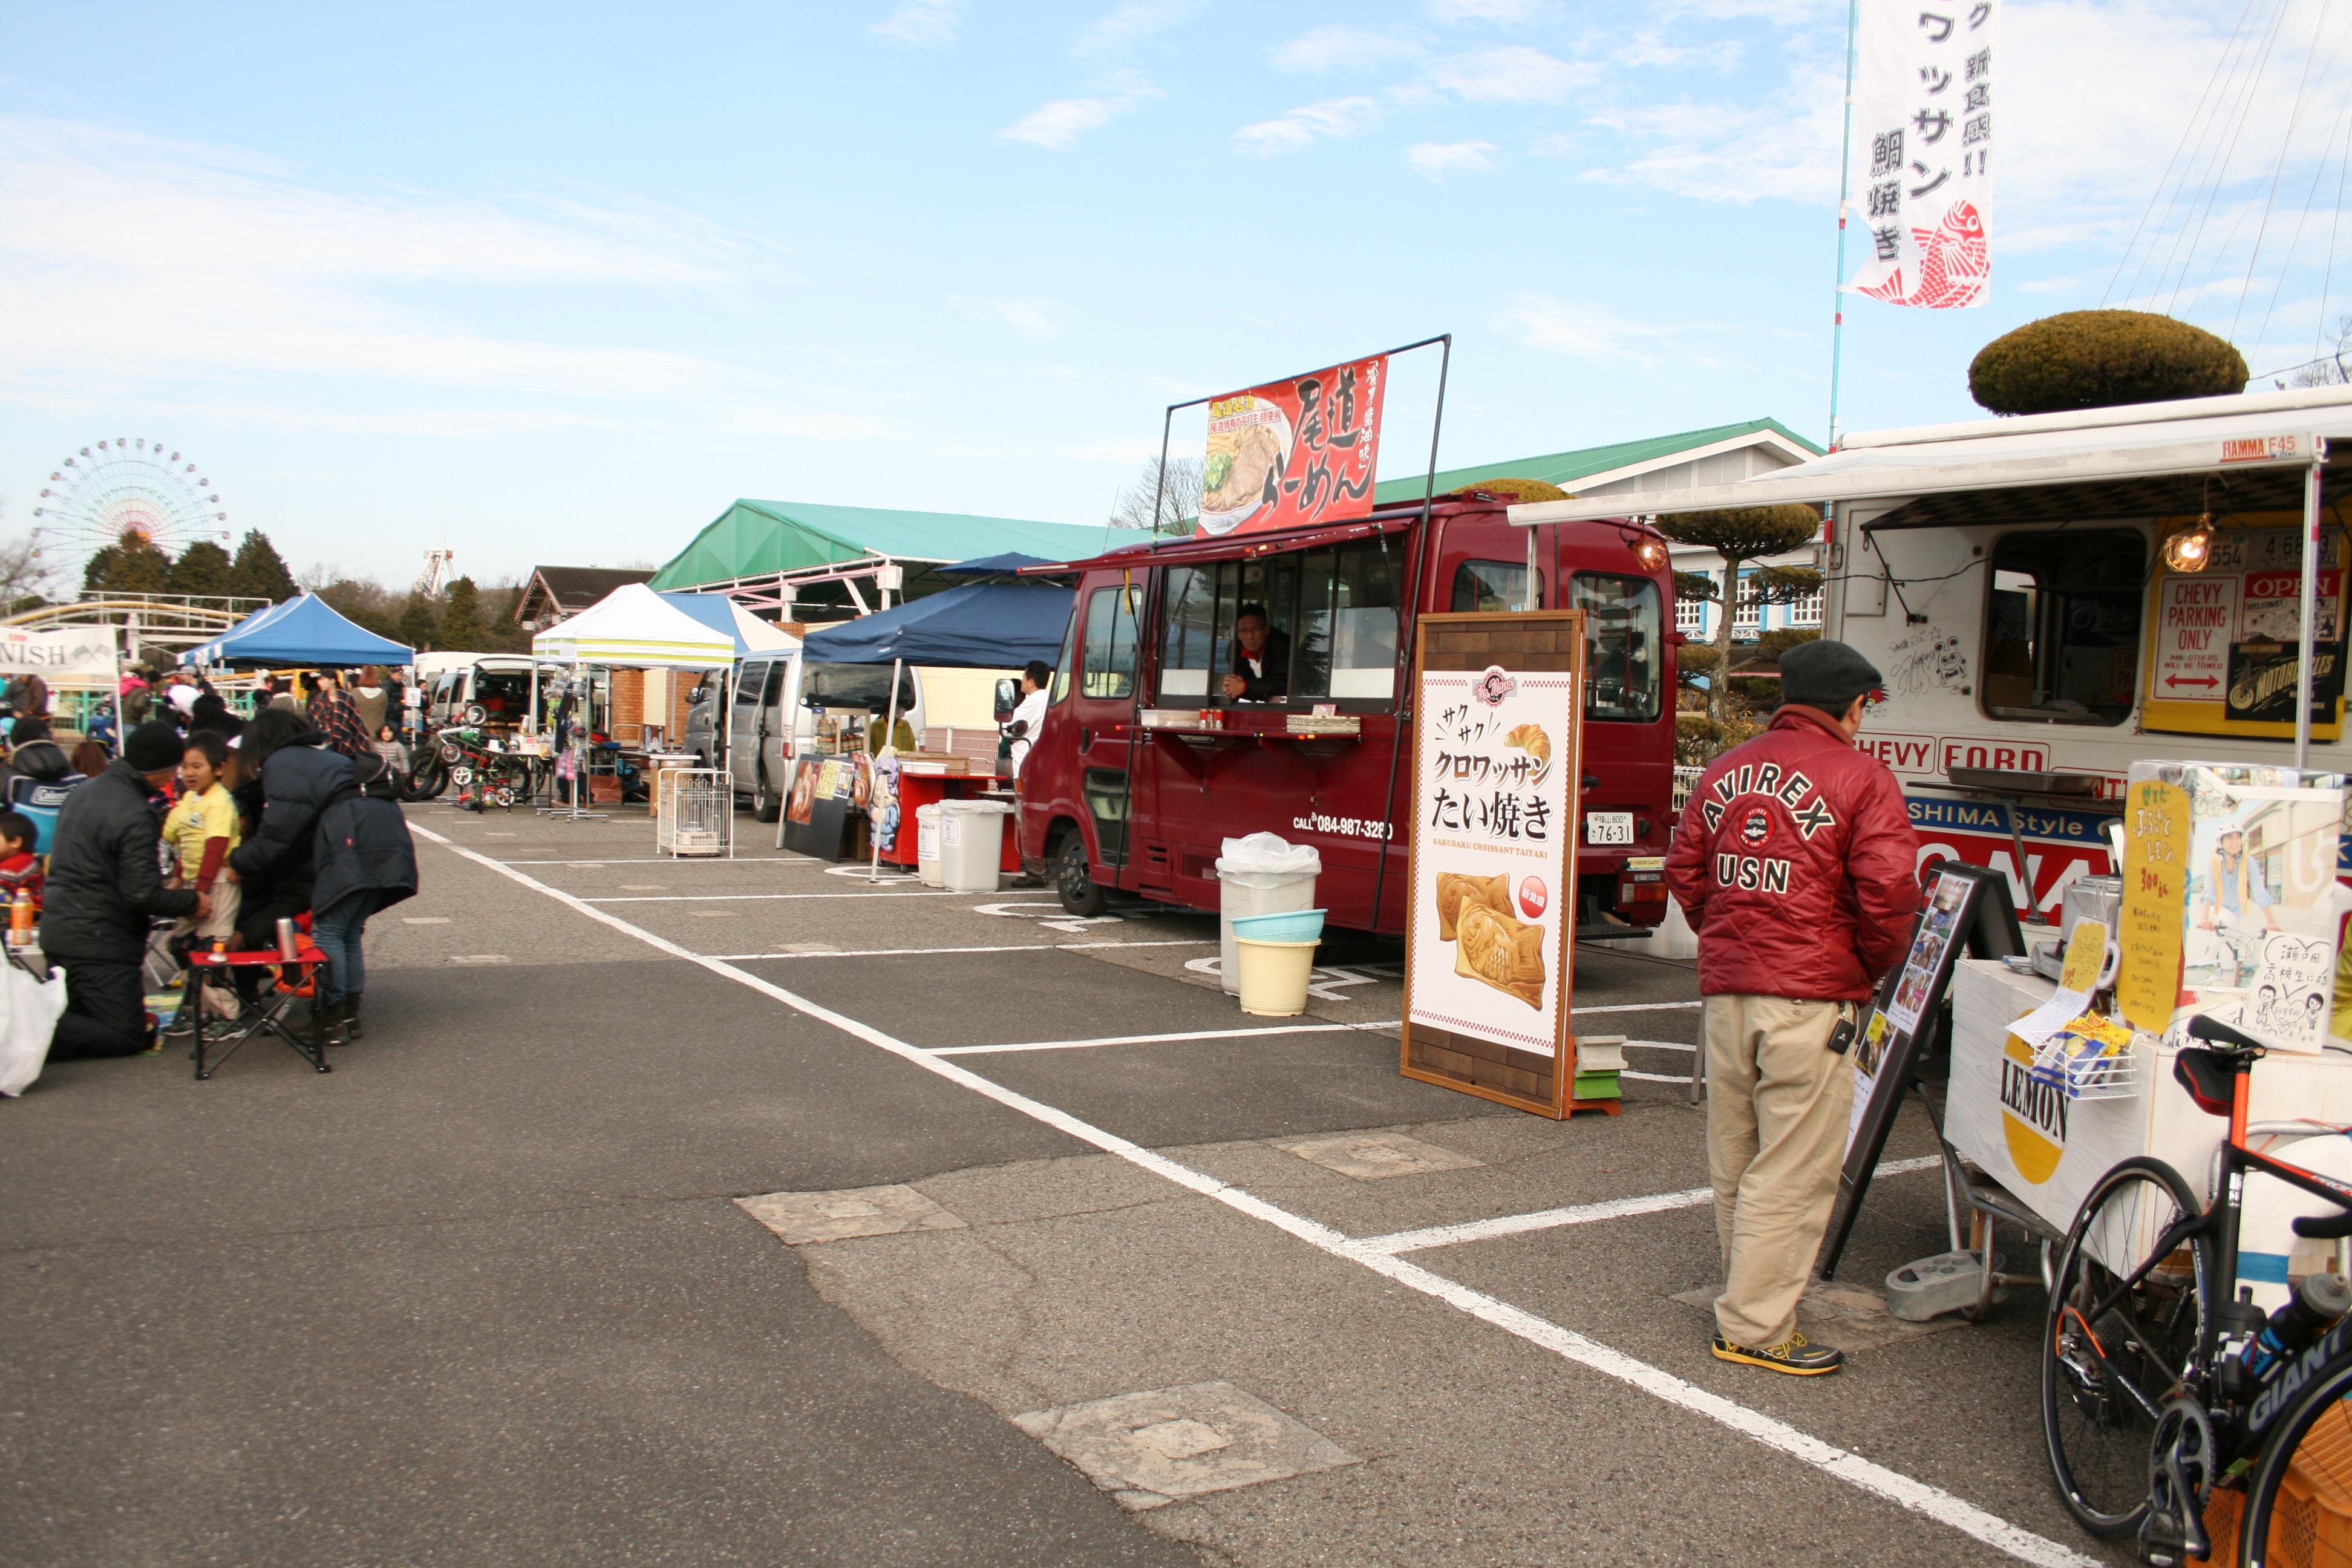 当日は、尾道ラーメンや肉まん、せとうちのホットレモンやレモンケーキも販売され会場はにぎわいました